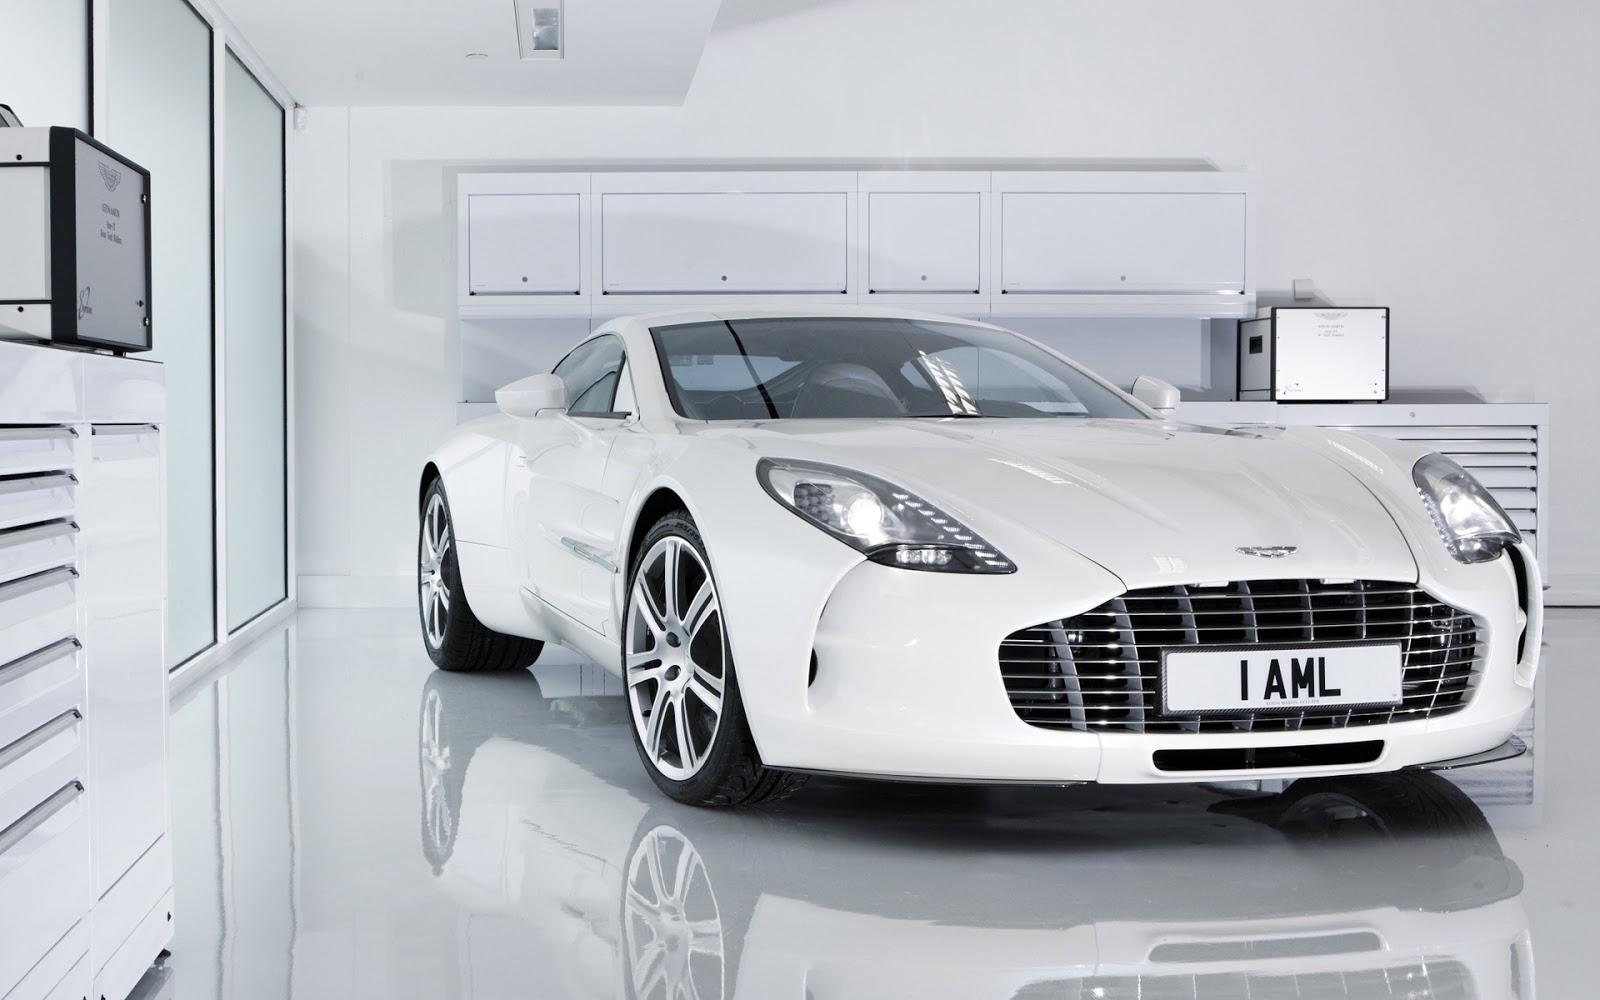 Aston Martin White I AML